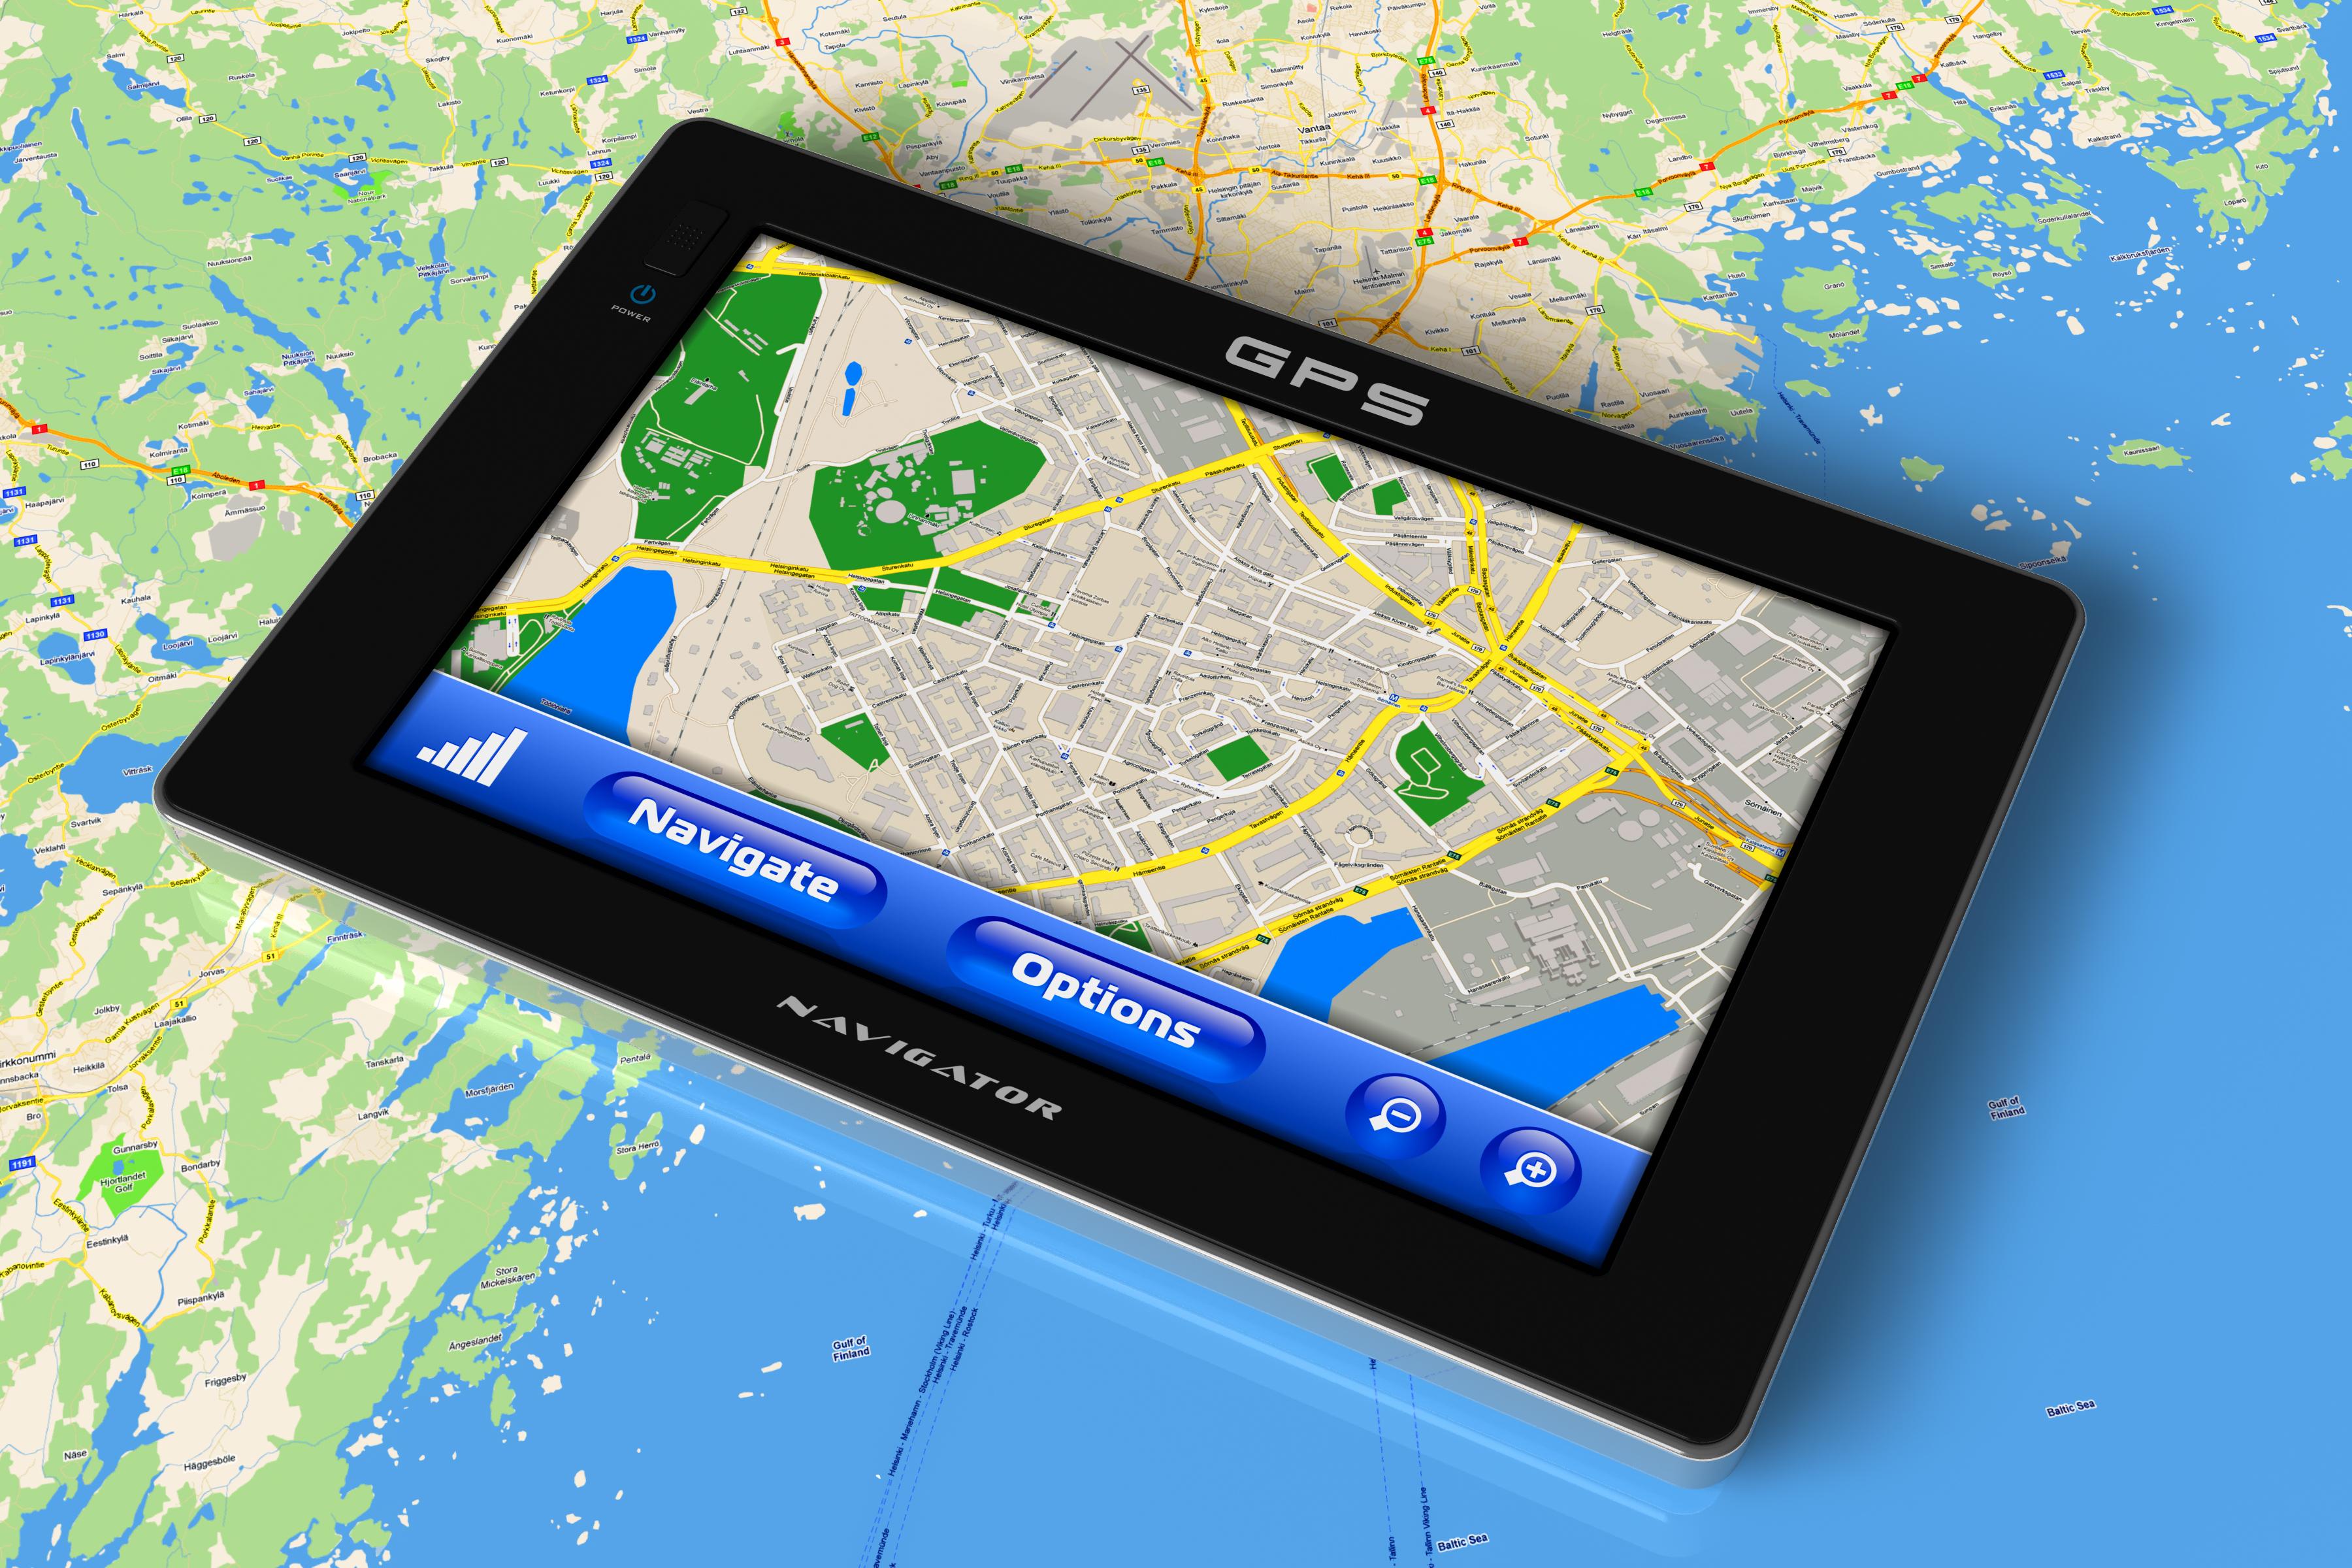 Geolocalizzazione e smartphone: un'unione da sfruttare